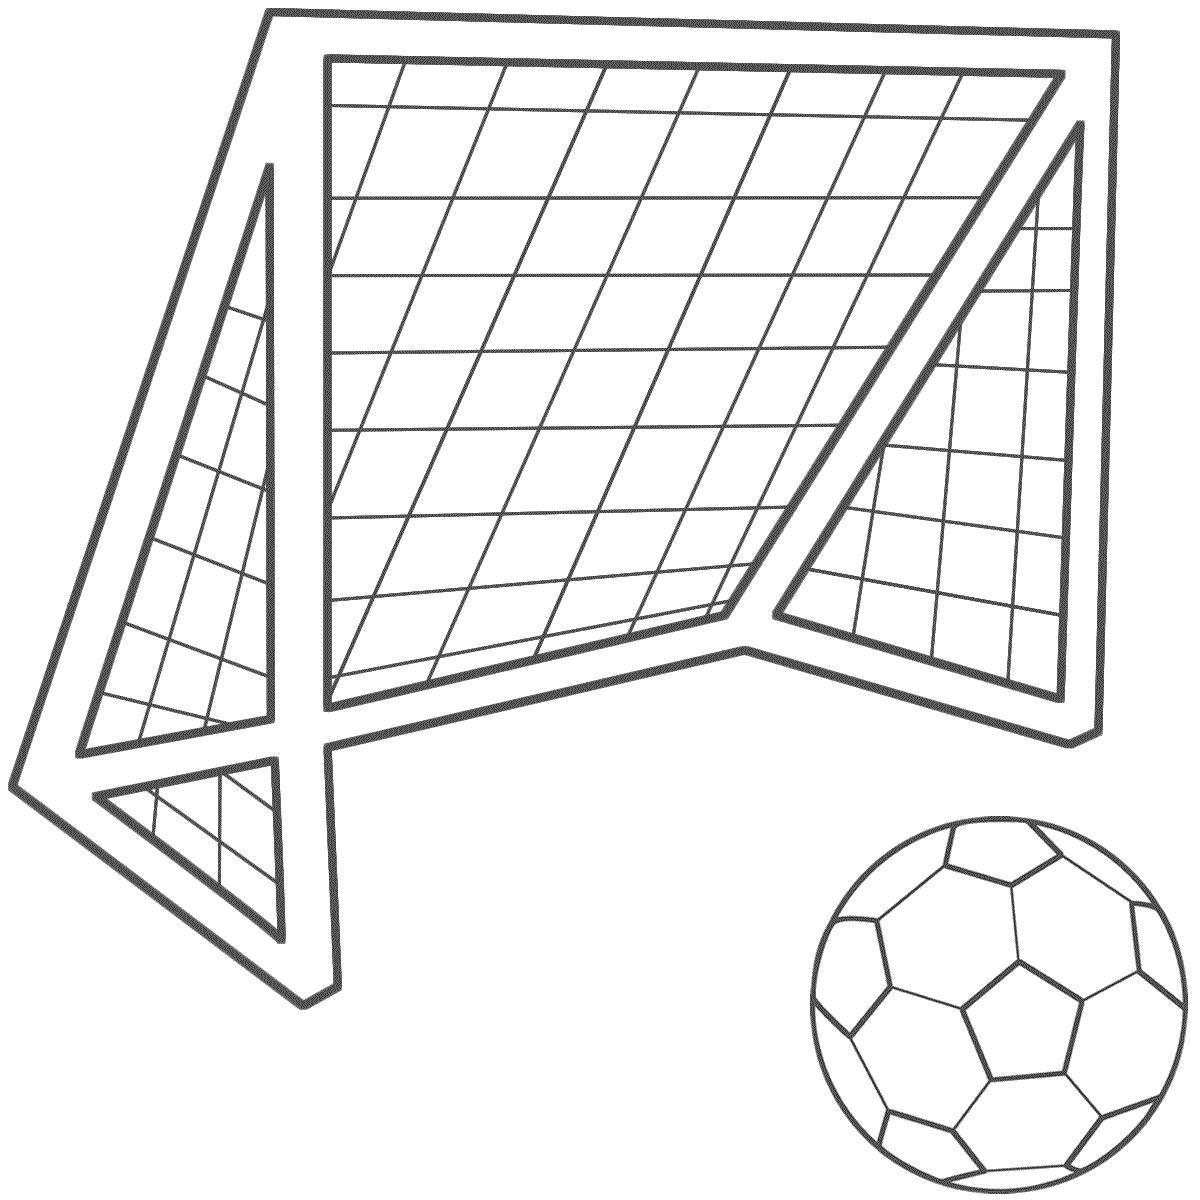 666 Soccer Goal free clipart.